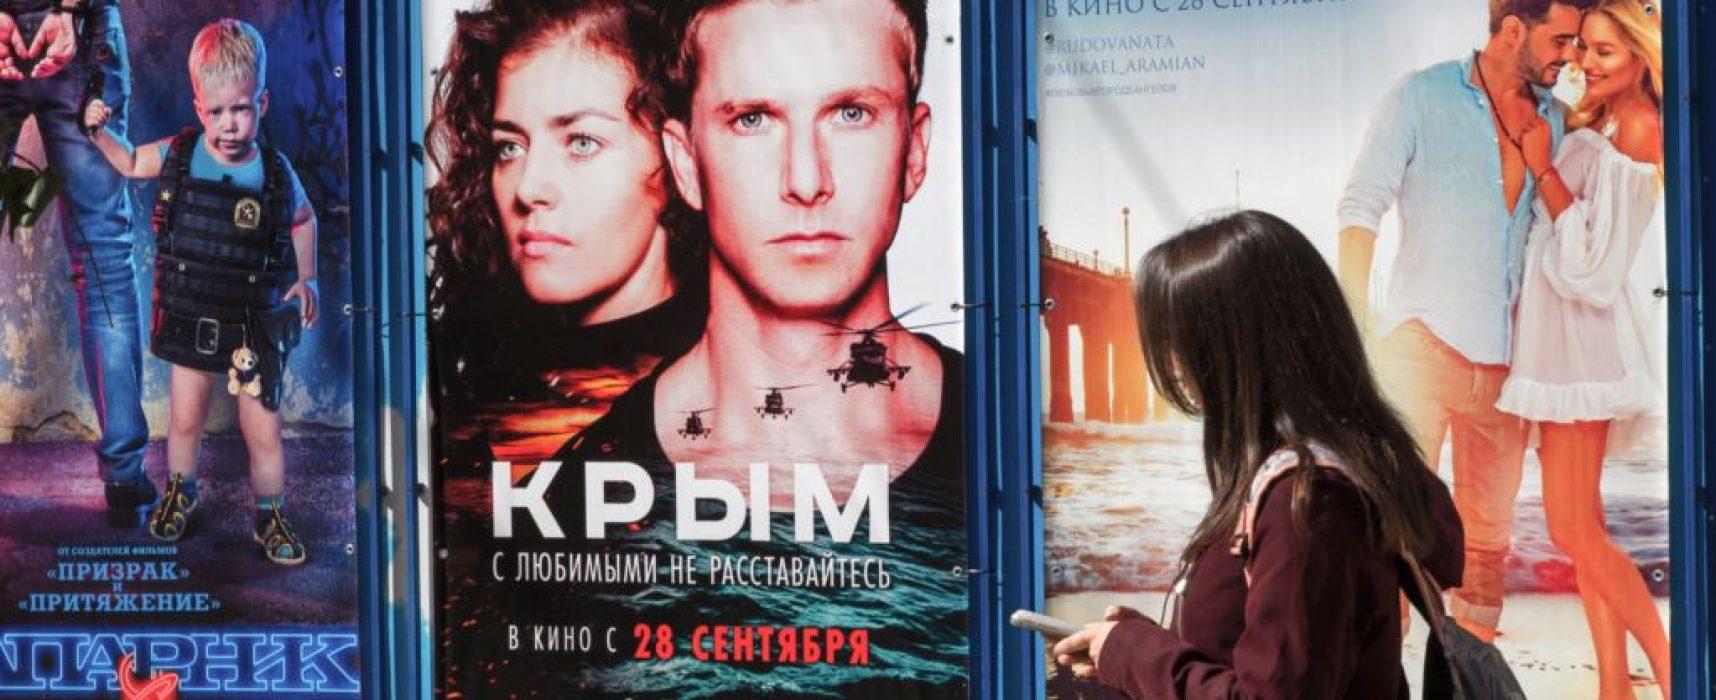 Провал пропаганды: что не так с фильмом «Крым»?